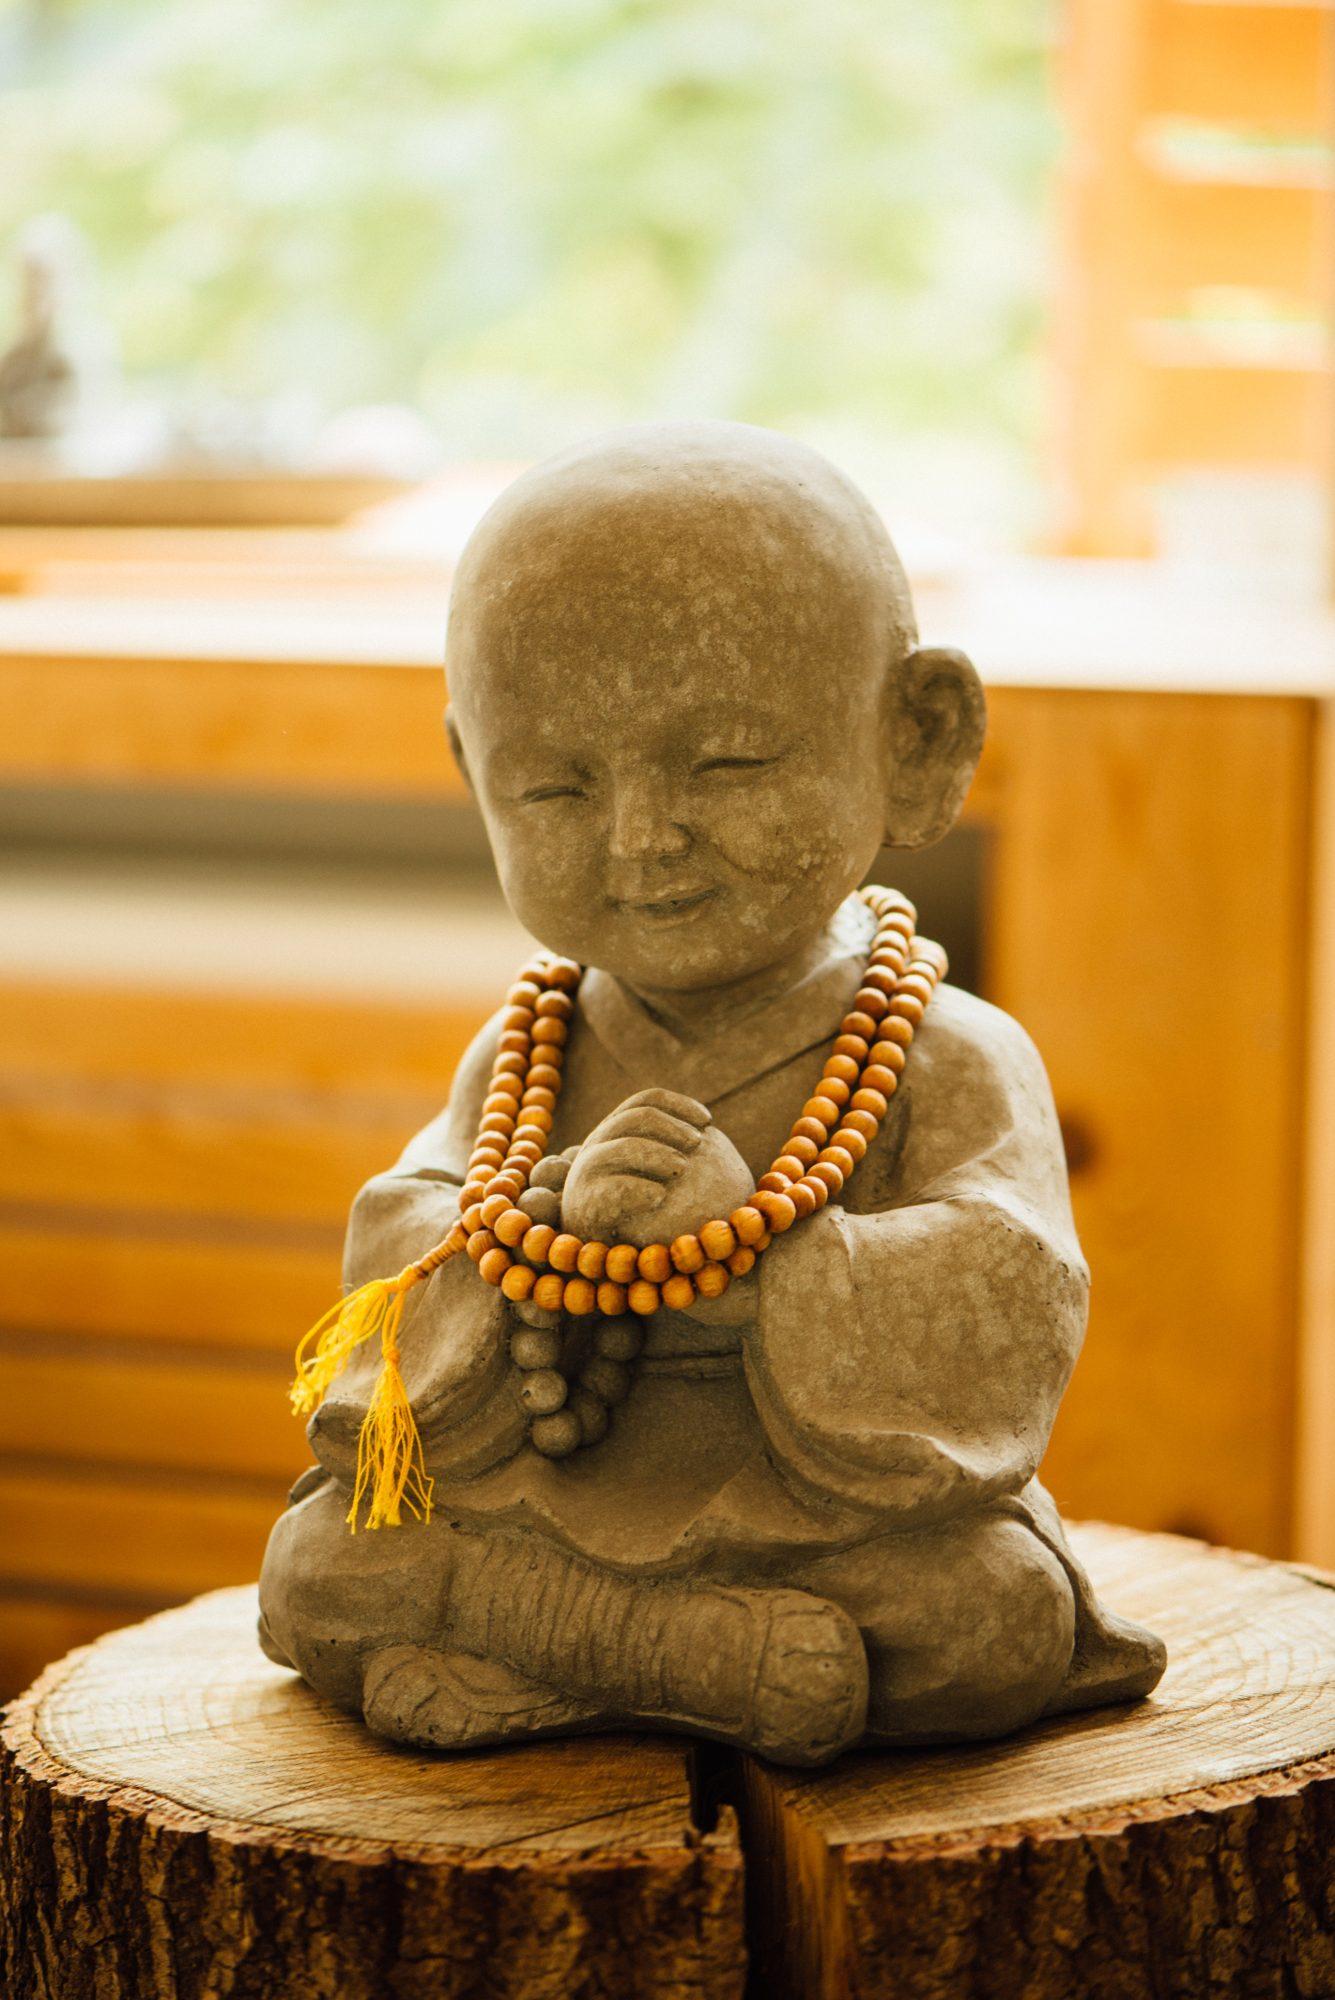 Beeld van een kind als Boeddha, met een glimlach op zijn gezicht.